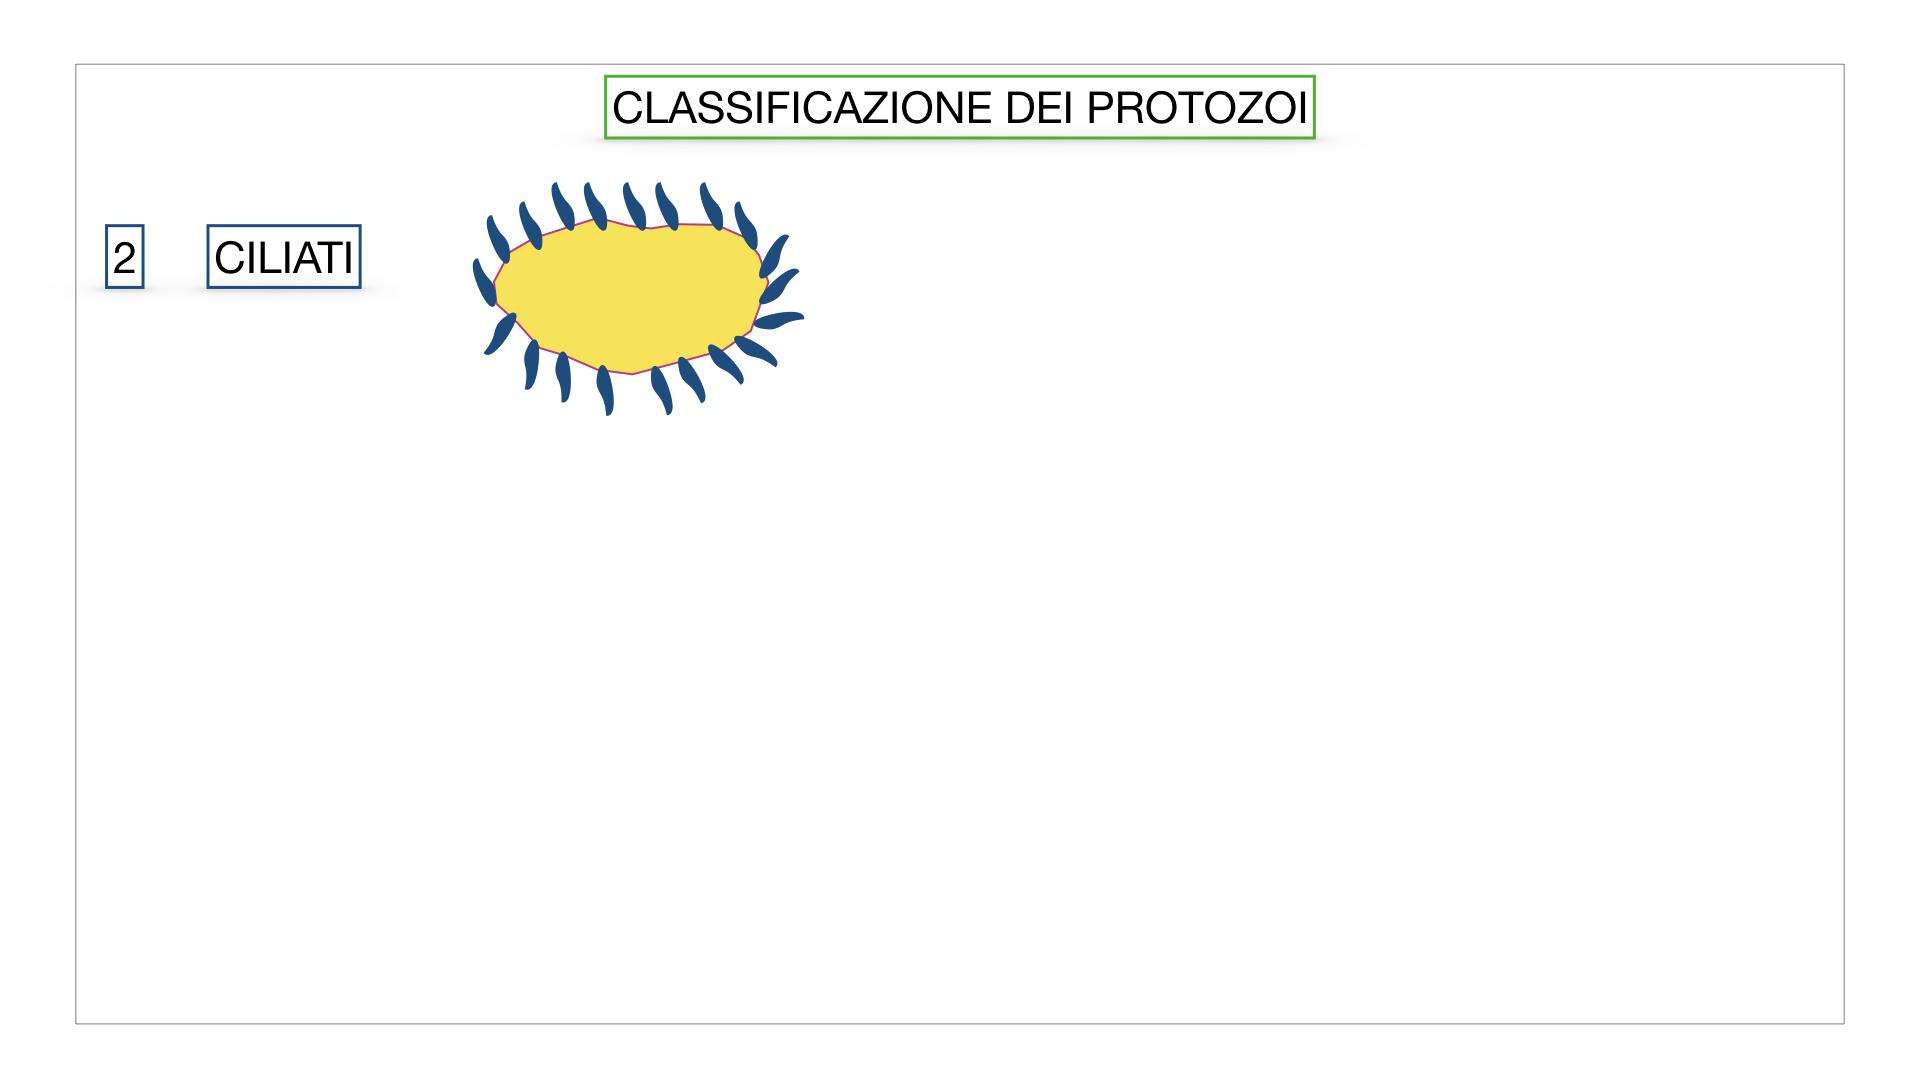 6. PROTOZOI_classificazione_SIMULAZIONE.023